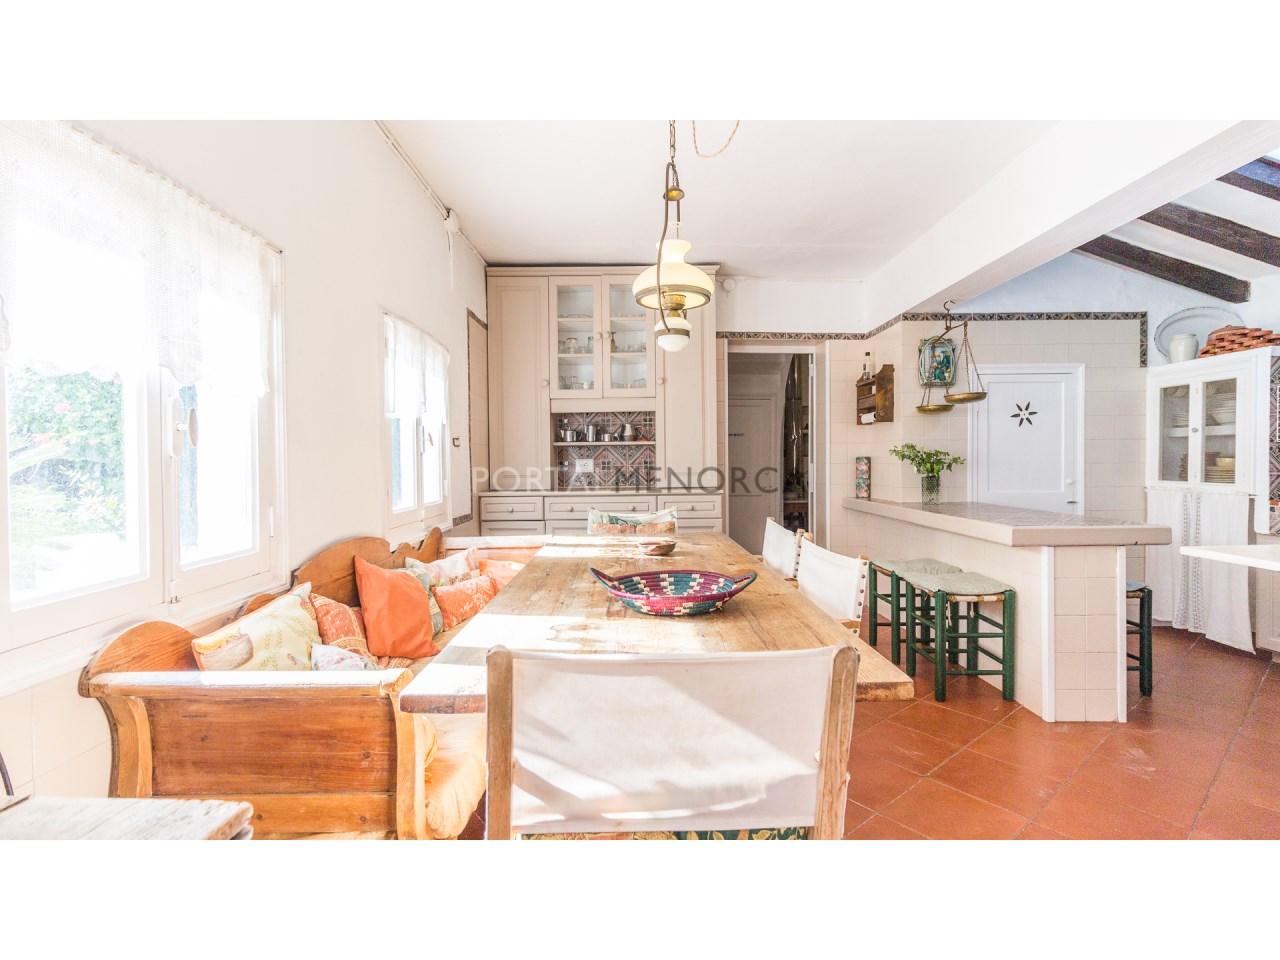 maison en campagne a vendre a minorque (14 de 21)